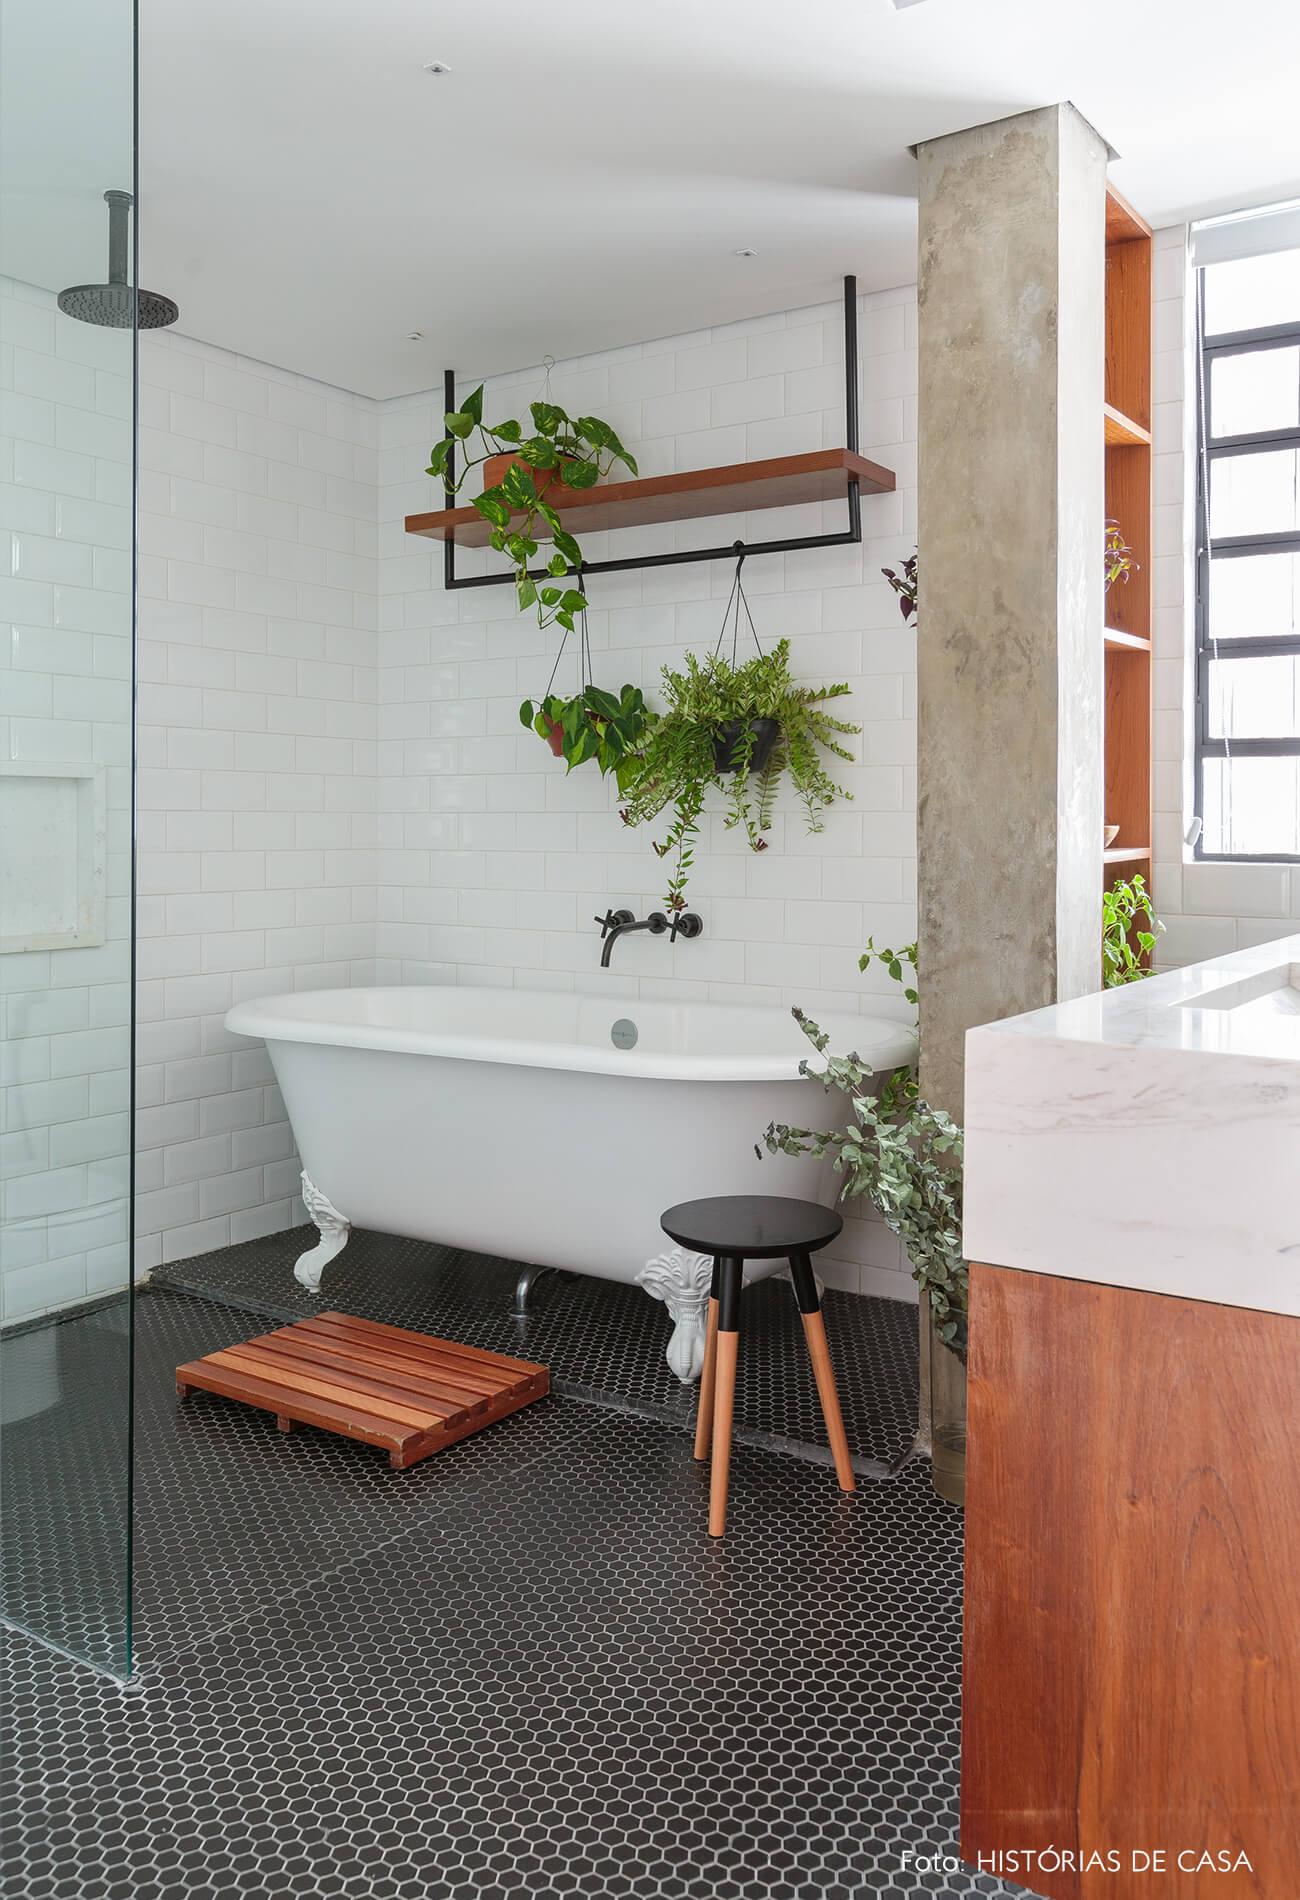 banheira-e-coluna-concreto